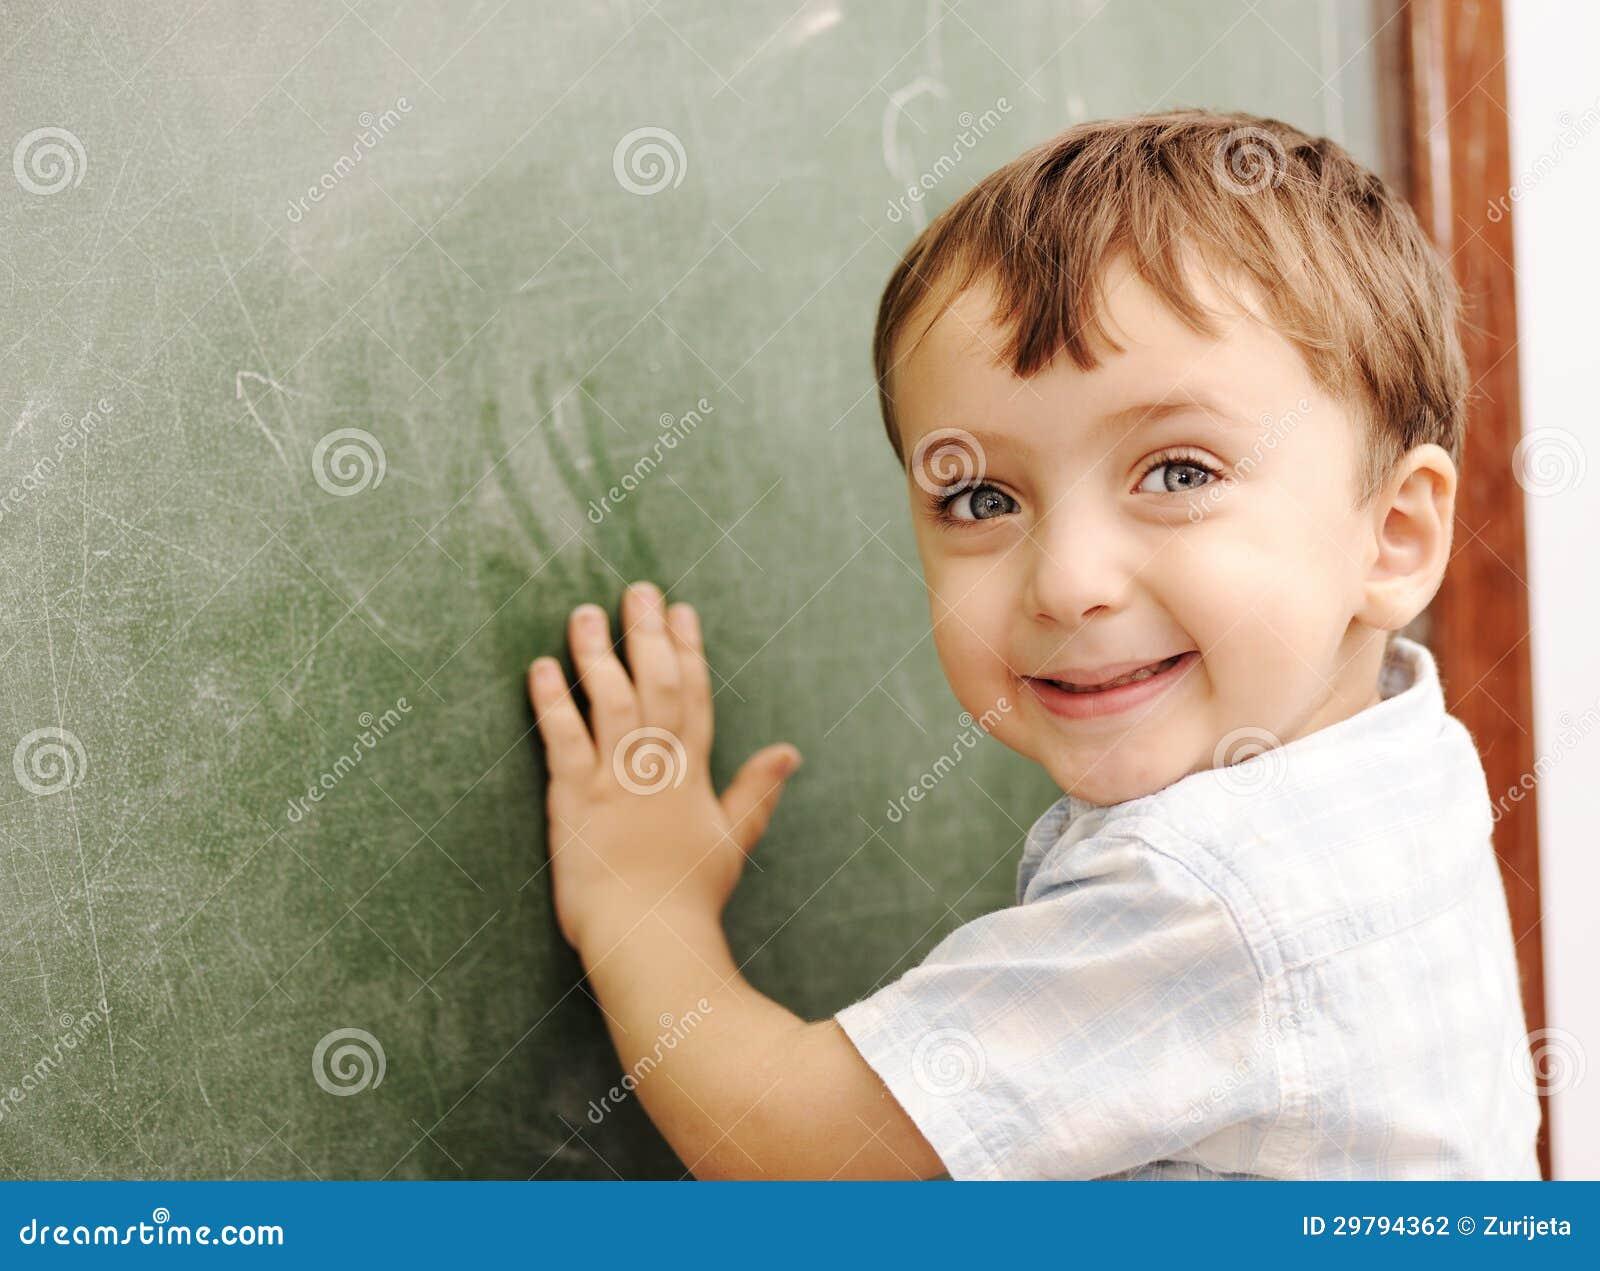 儿童教室艺术照